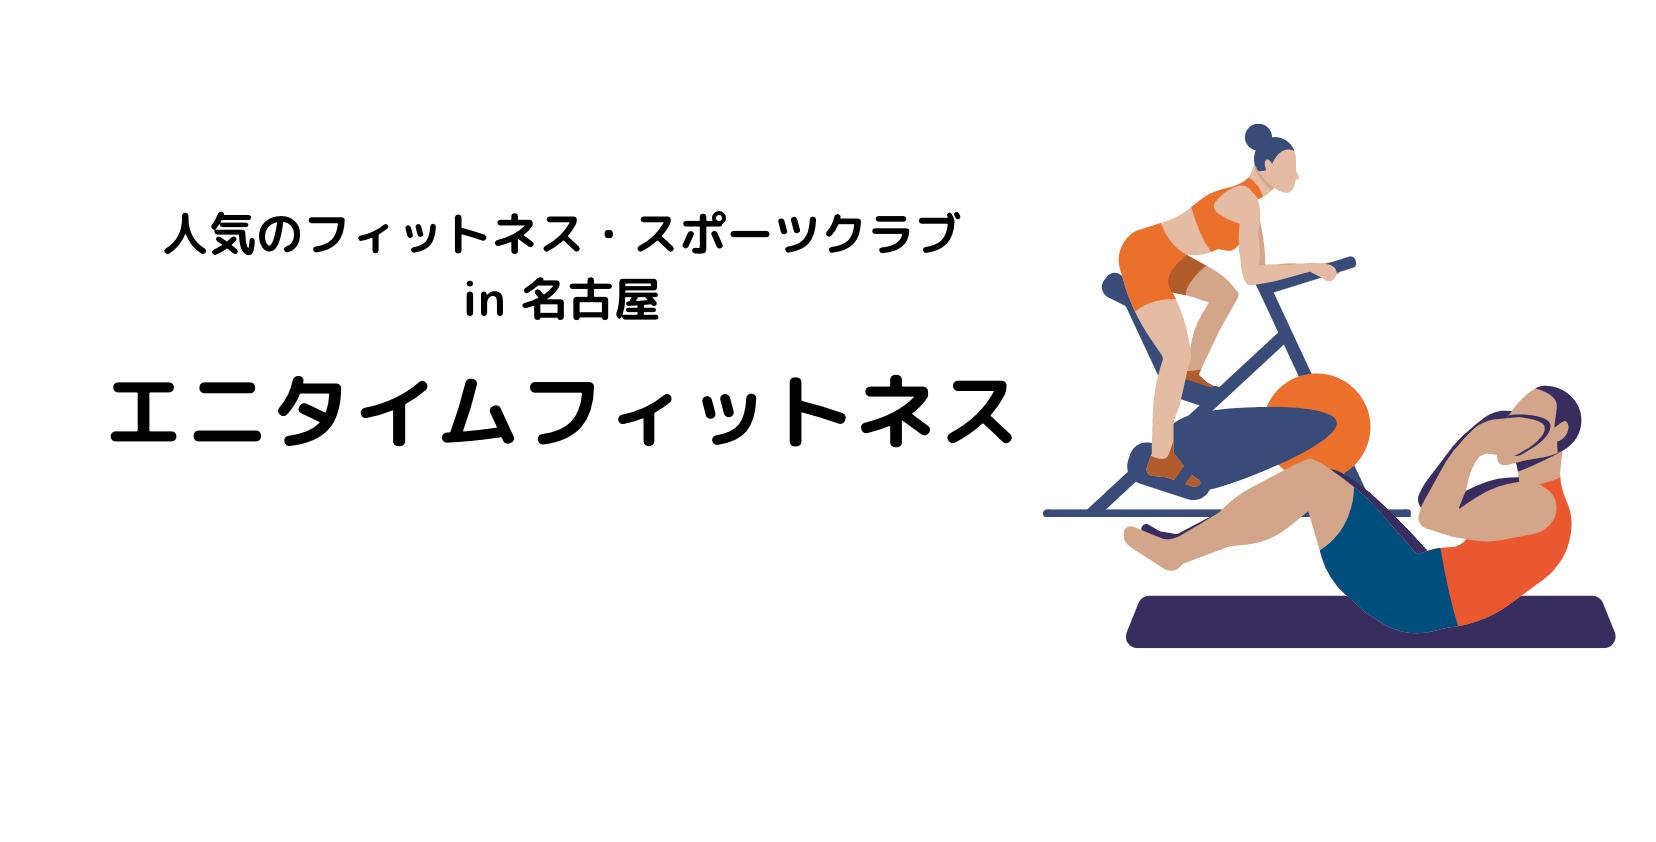 名古屋_ジム_フィットネスジム_スポーツジム_フィットネスクラブ_スポーツクラブ_おすすめ_人気_ランキング_エニタイムフィットネス